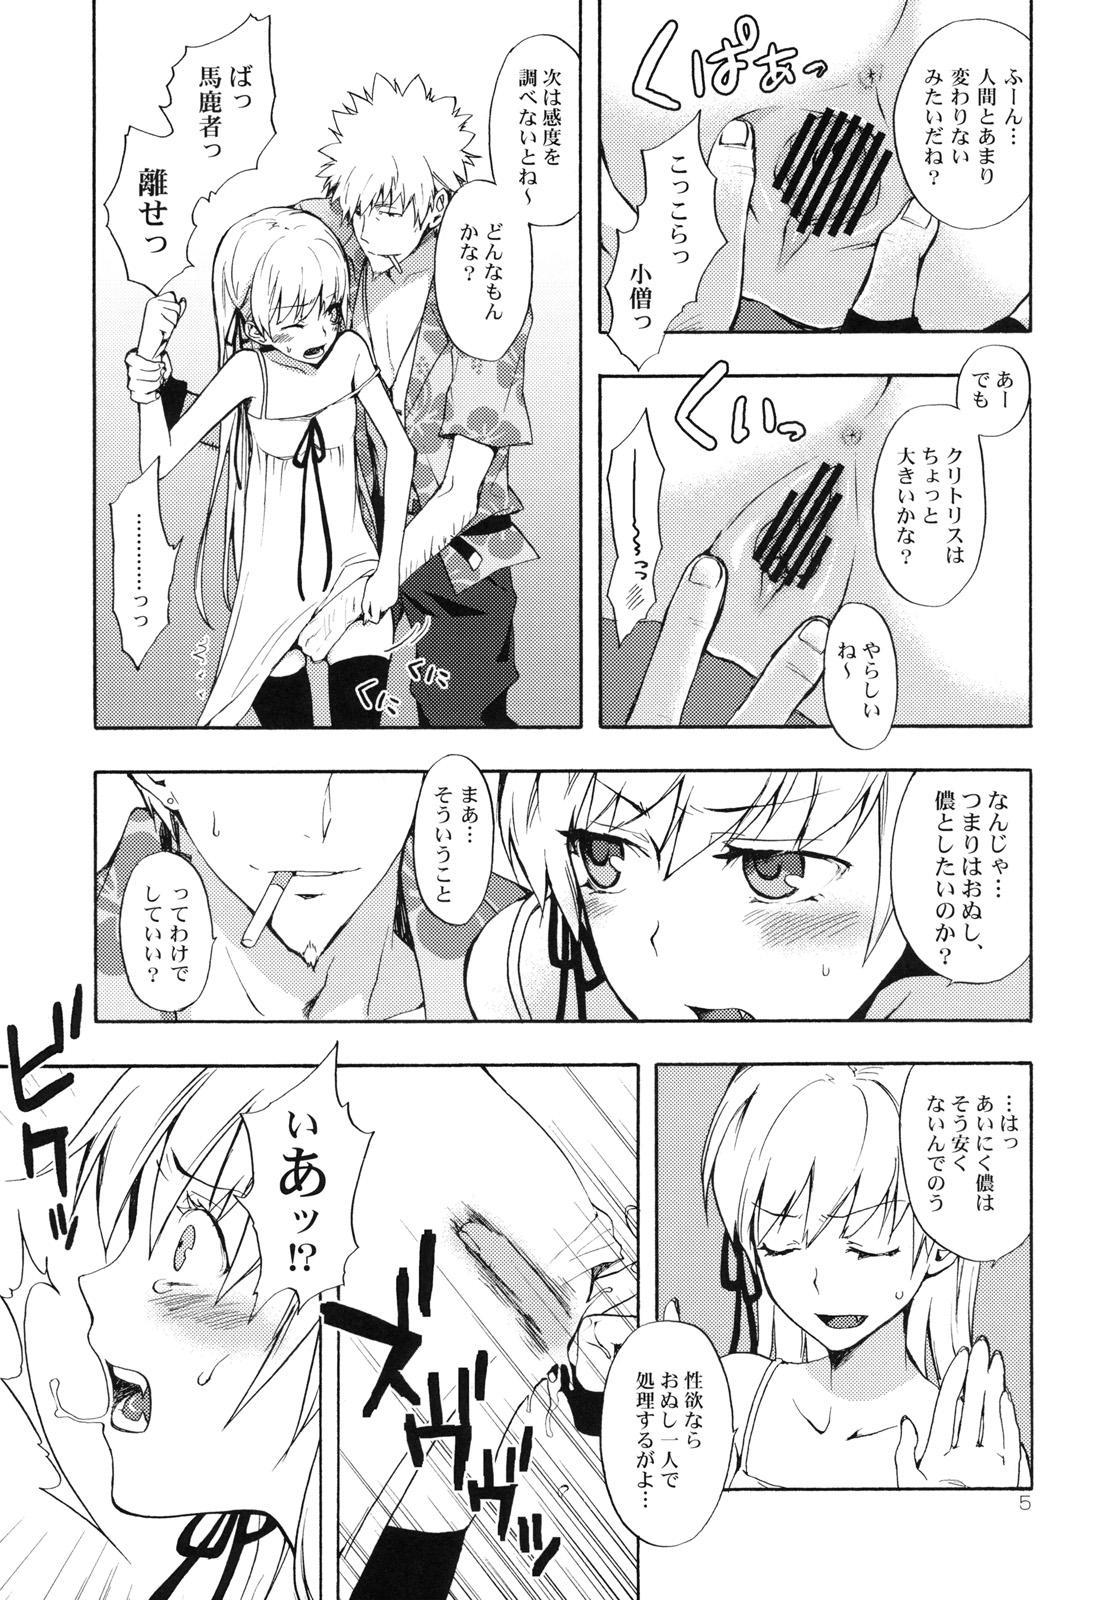 (COMIC1☆4) [Aa Aishiteru (Taishow)] Oshino-san-chi no Shinobu-chan. Bangaihen (Bakemonogatari) 3